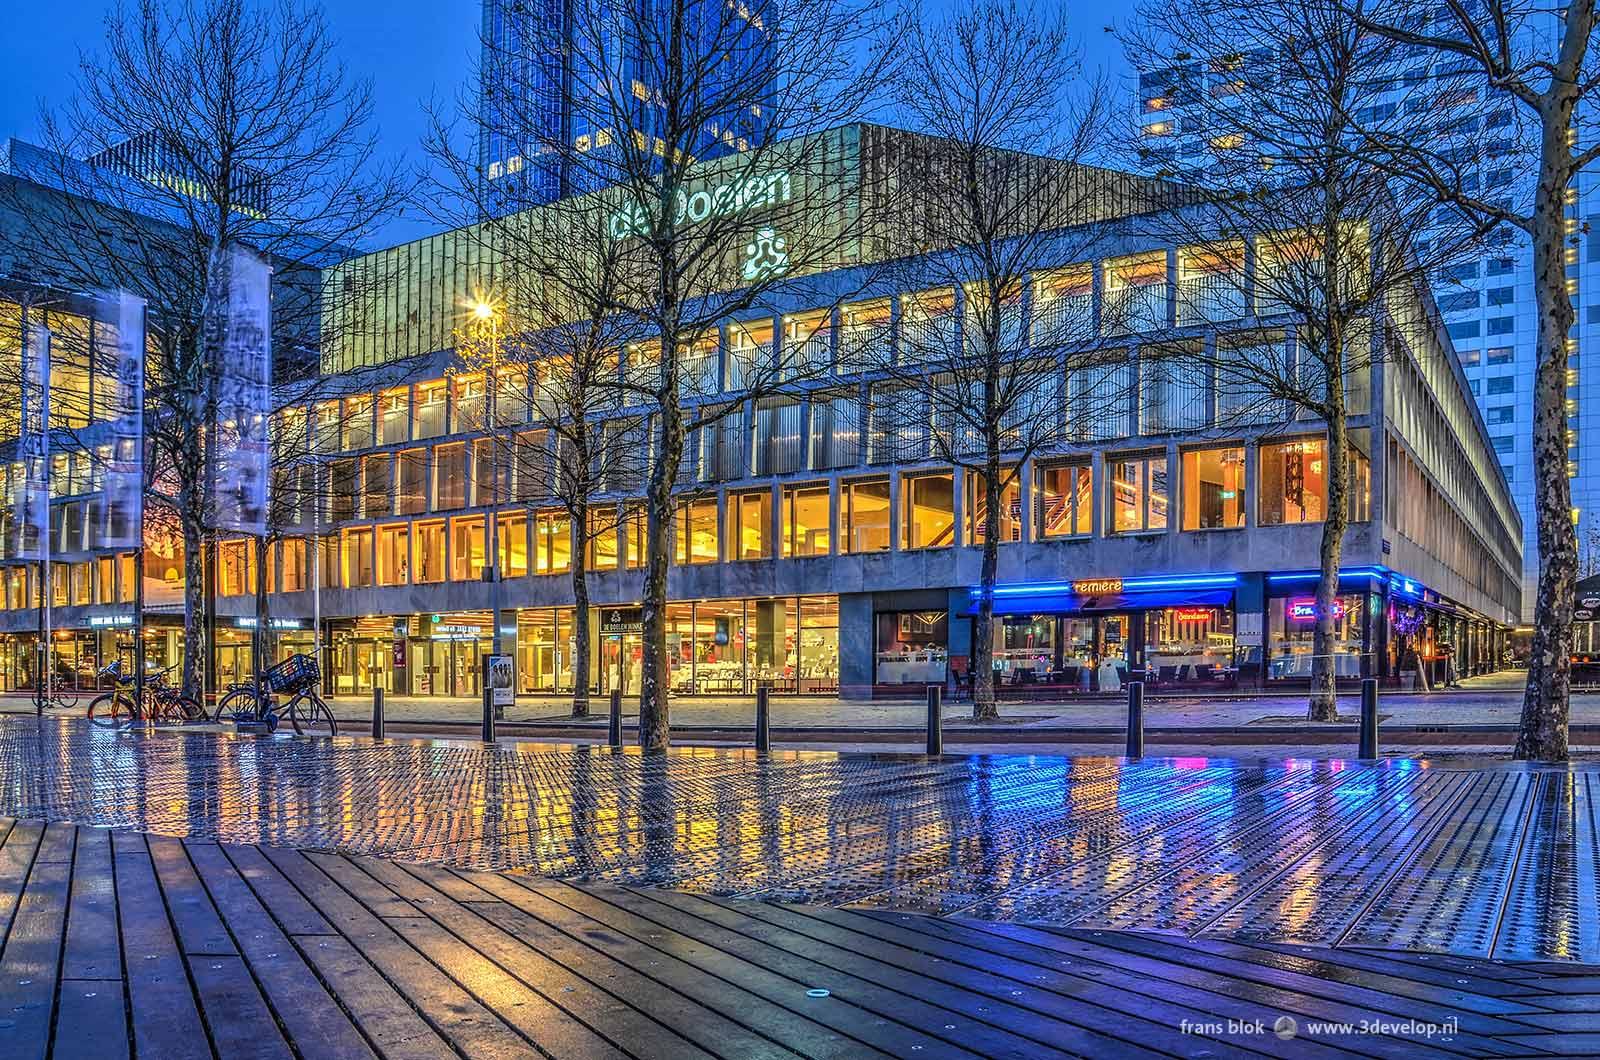 Concert- en congresgebouw De Doelen in Rotterdam bij avond, weerspiegelend in het staal en hout van een nat Schouwburgplein